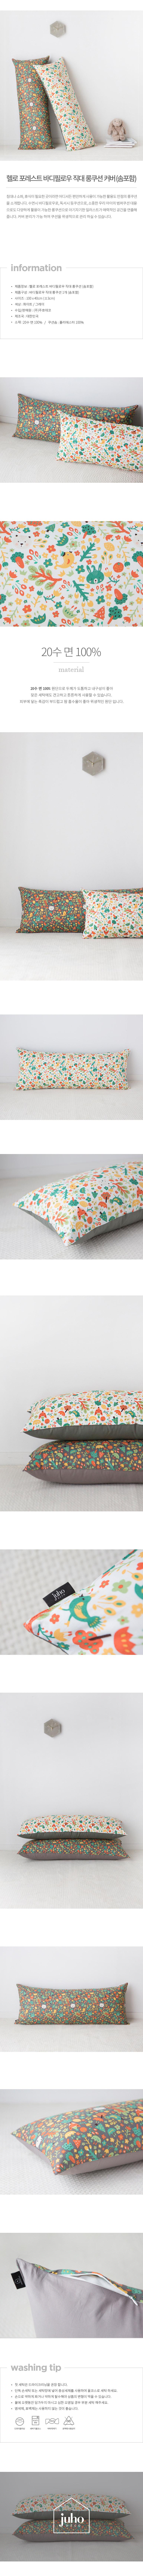 헬로 포레스트 바디필로우 직대 롱쿠션(솜포함) - 주호데코, 30,000원, 솜/속통, 쿠션솜/방석솜